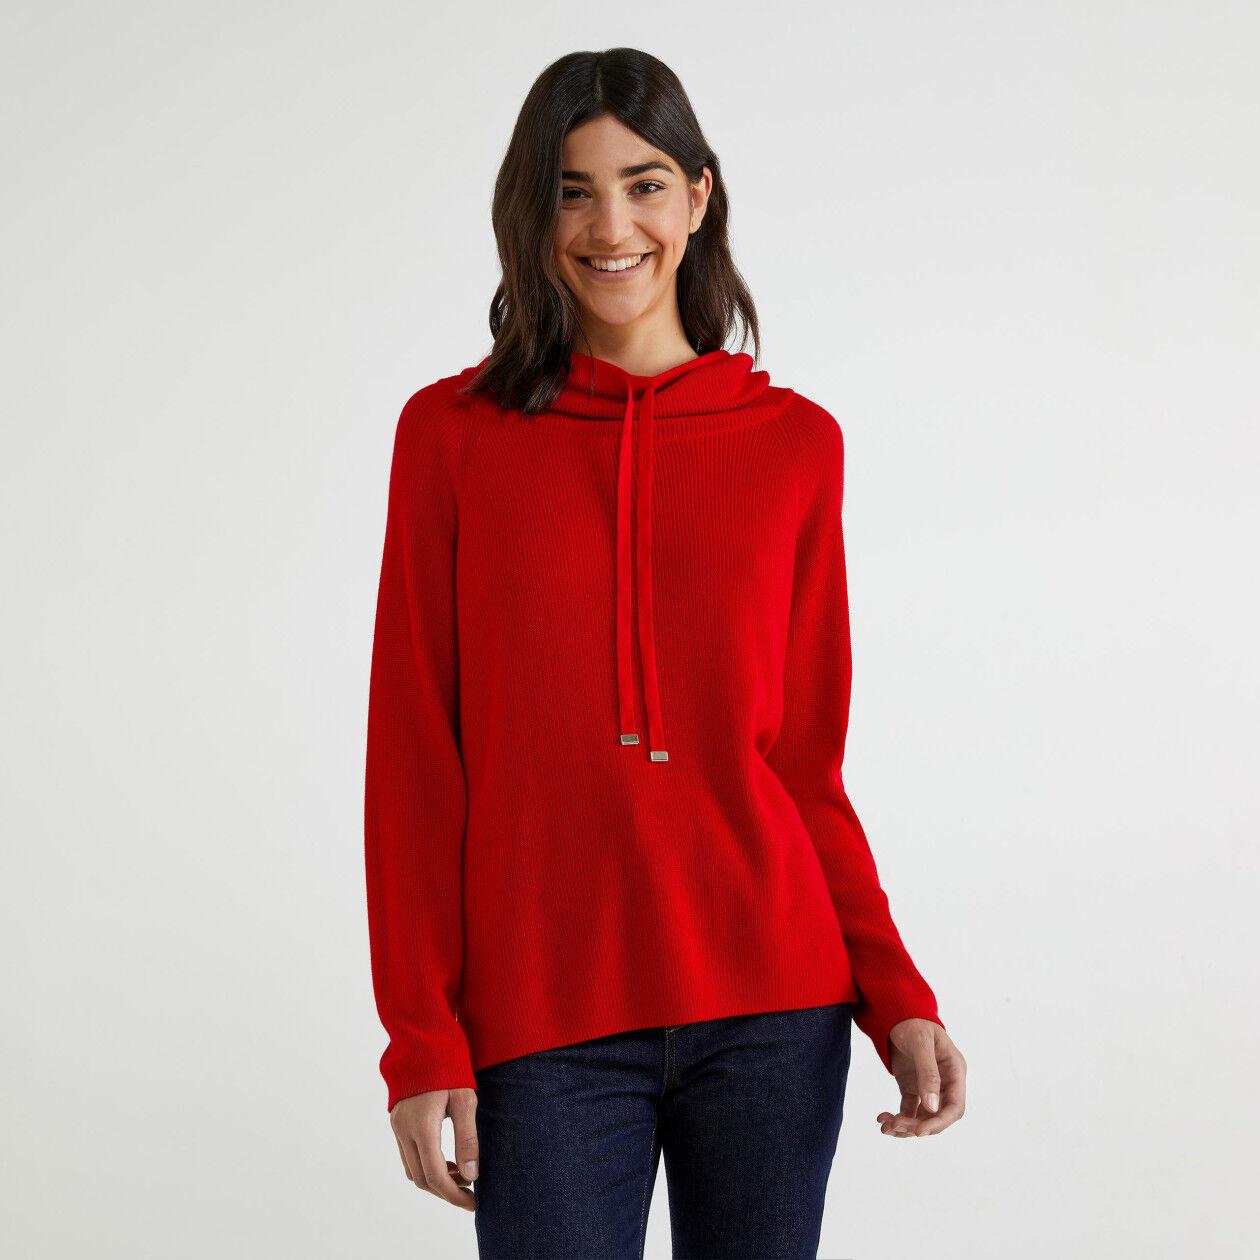 Jersey de cuello alto con cordón de ajuste